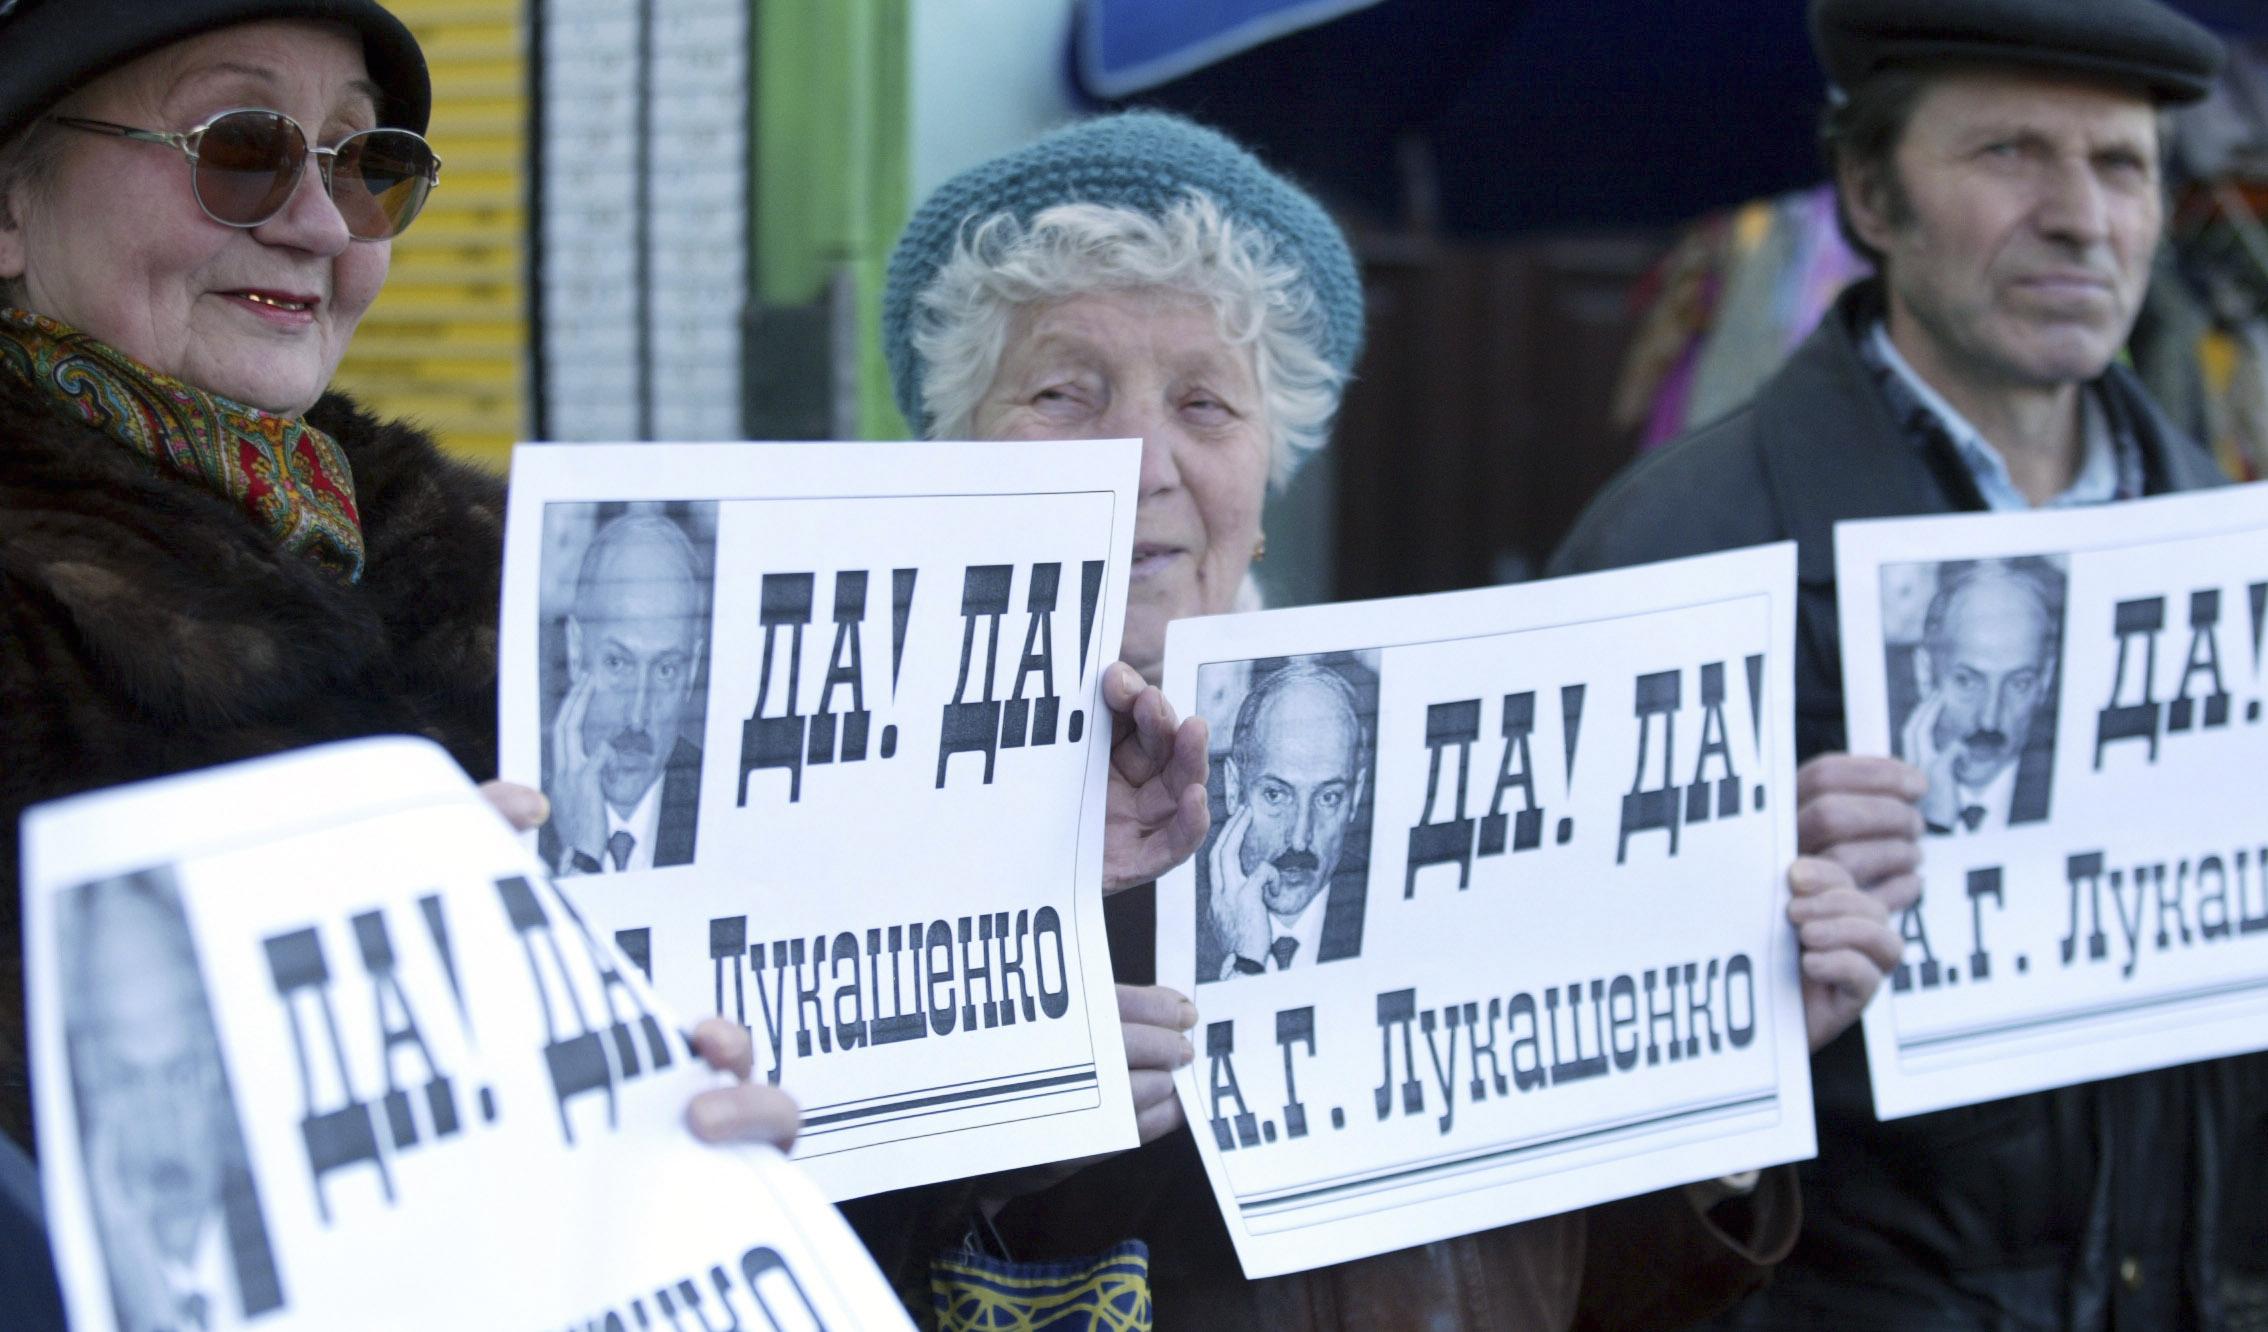 У 1995 годзе Лукашэнка ініцыяваў рэфэрэндум, каб памяняць дзяржаўную сымболіку, зрабіць расейскую мову дзяржаўнай і атрымаць права распускаць Вярхоўны Савет. Што адбылося, калі дэпутаты апазыцыі абвясьцілі галадоўку пратэсту ў парлямэнцкім будынку?